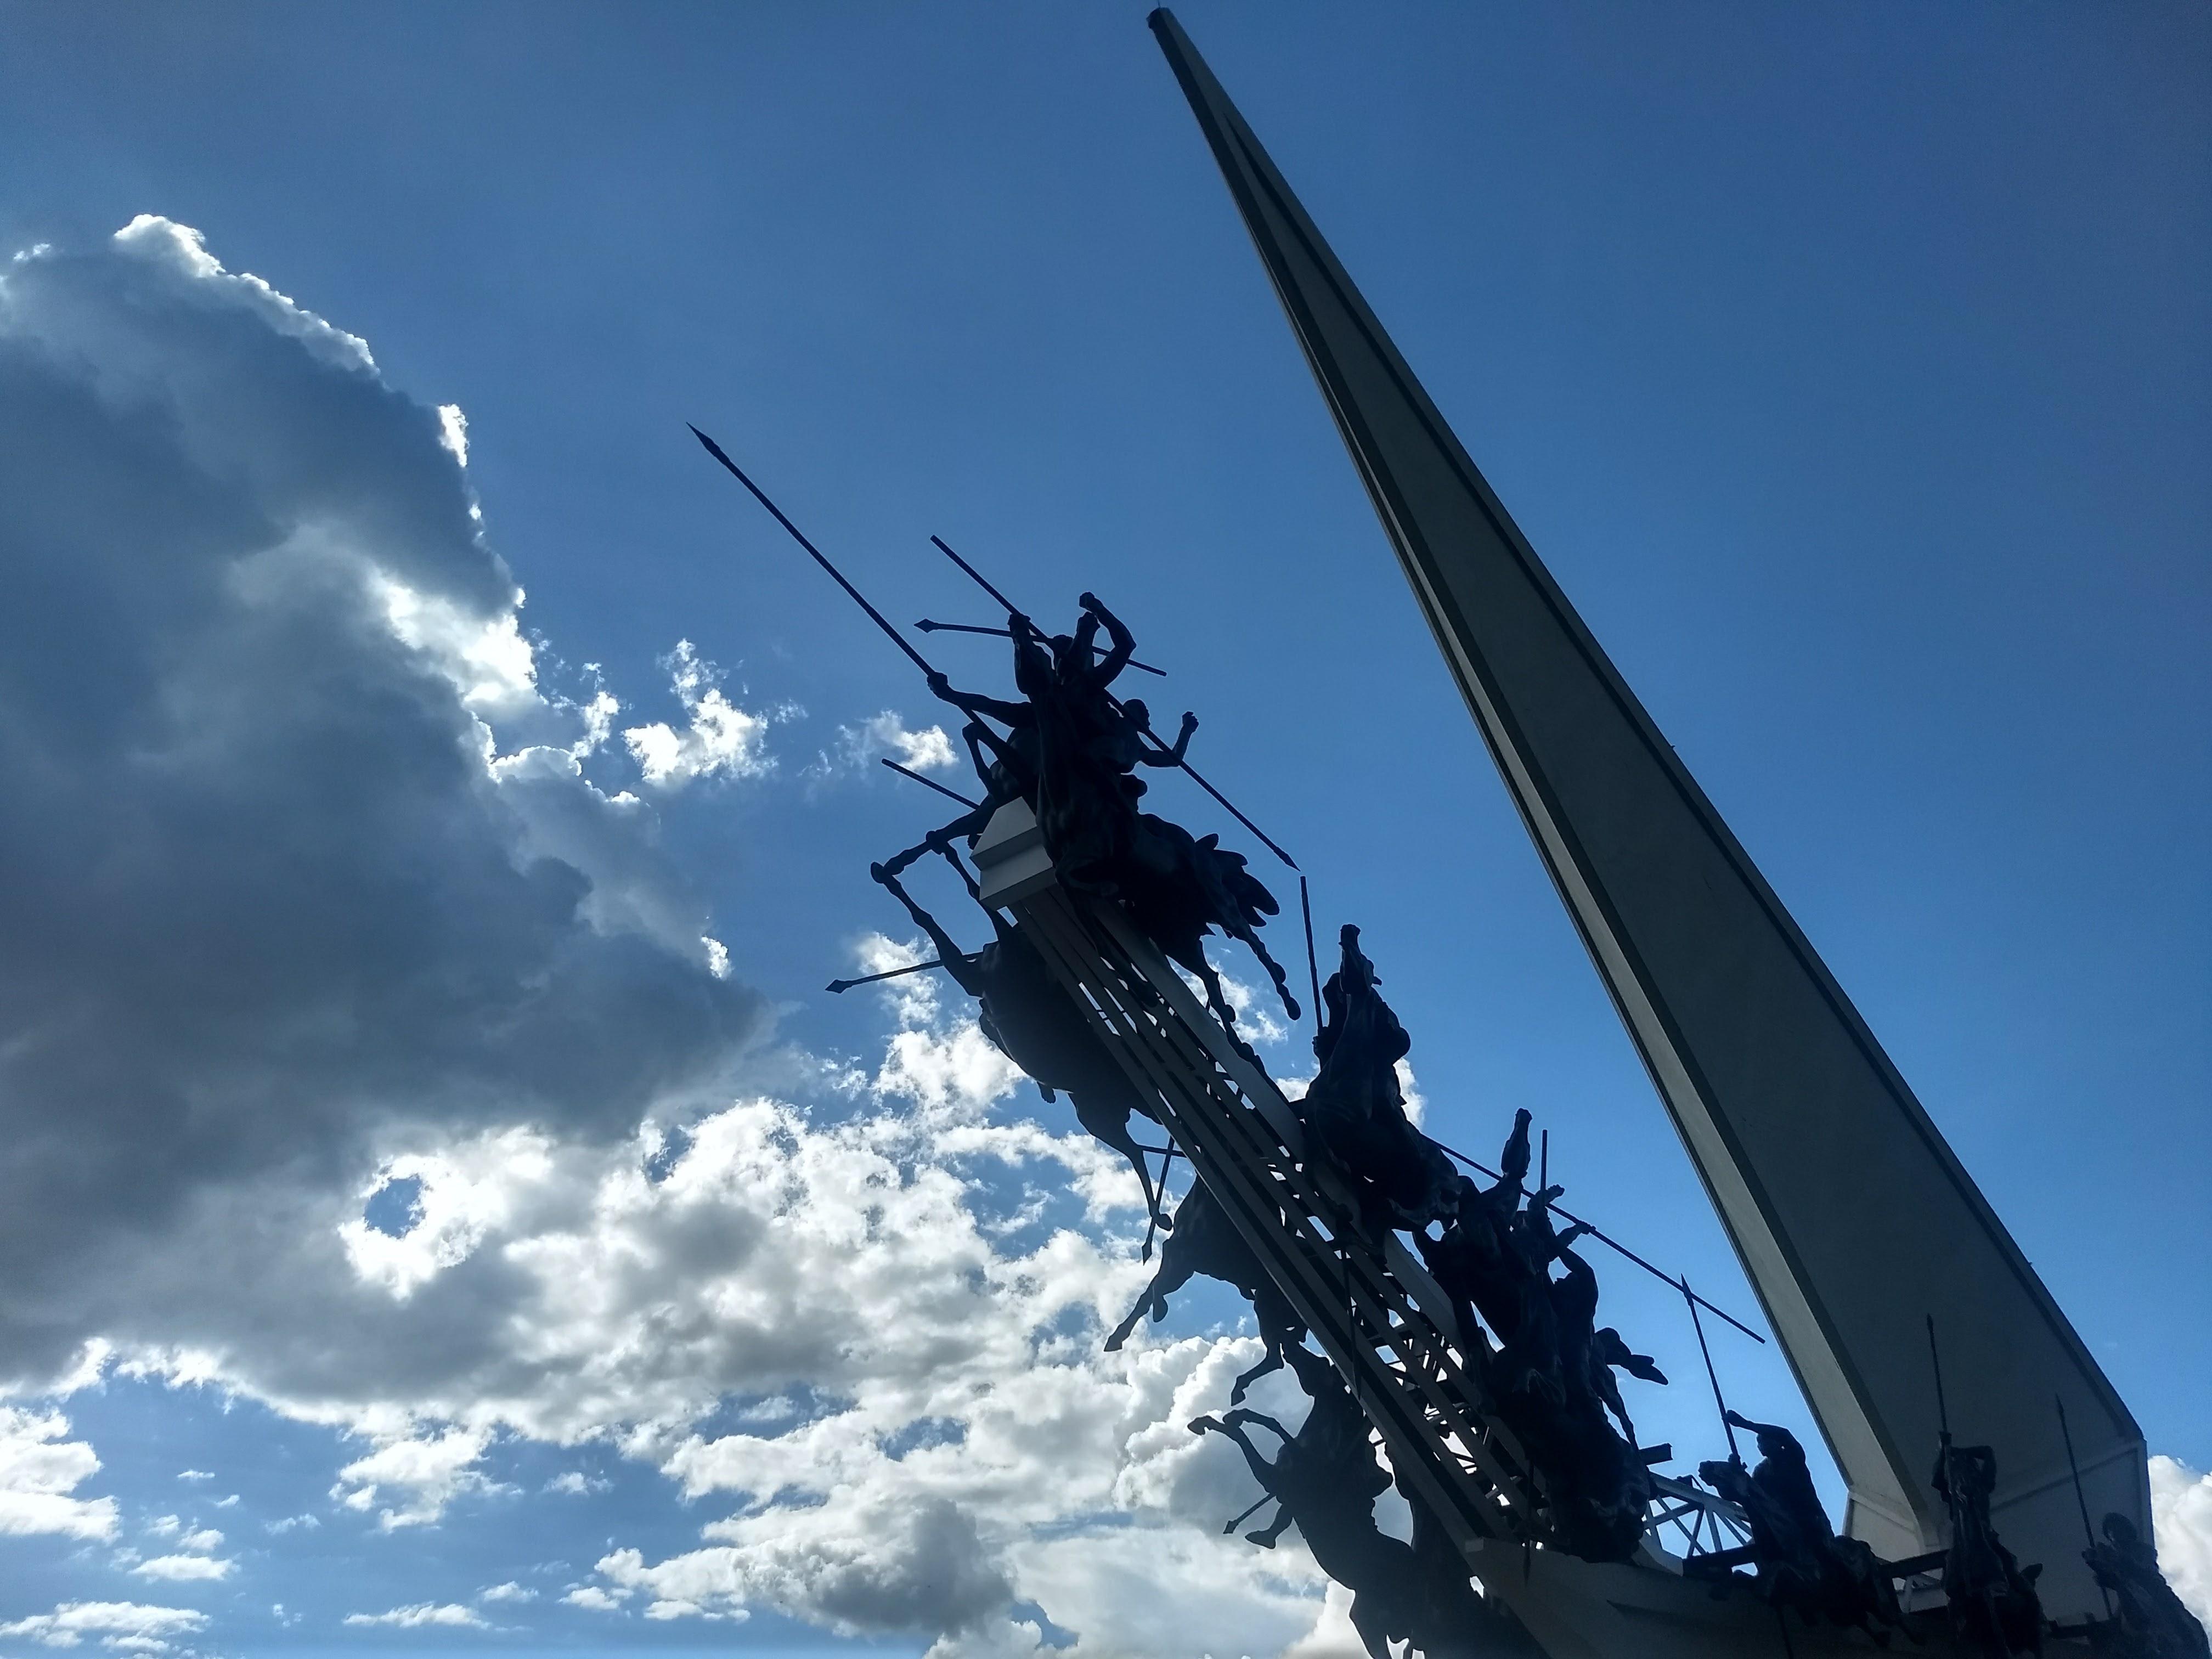 Después de varias décadas de dificultades con la conexión de internet en el histórico lugar, se instalará la fibra óptica en el marco del Bicentenario de la Independencia